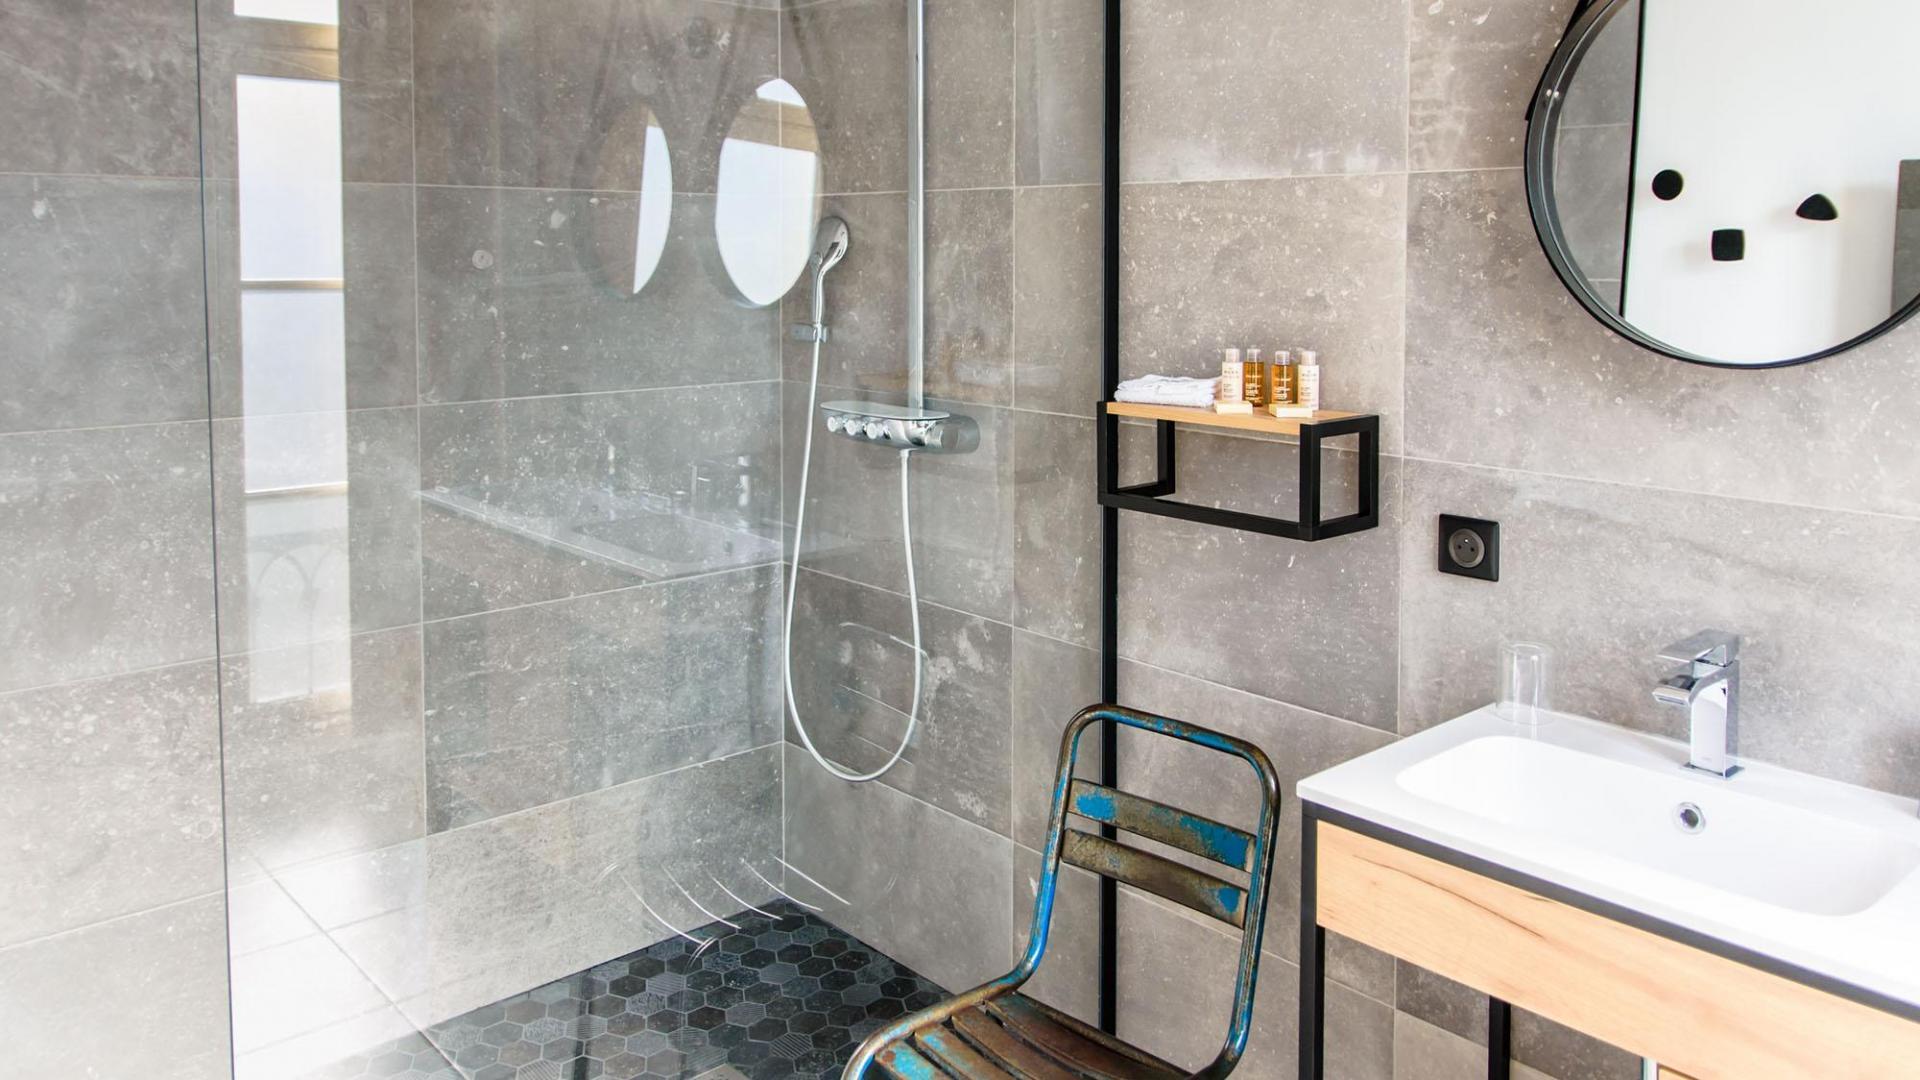 Salle de bain attenante à la chambre Ray Eames